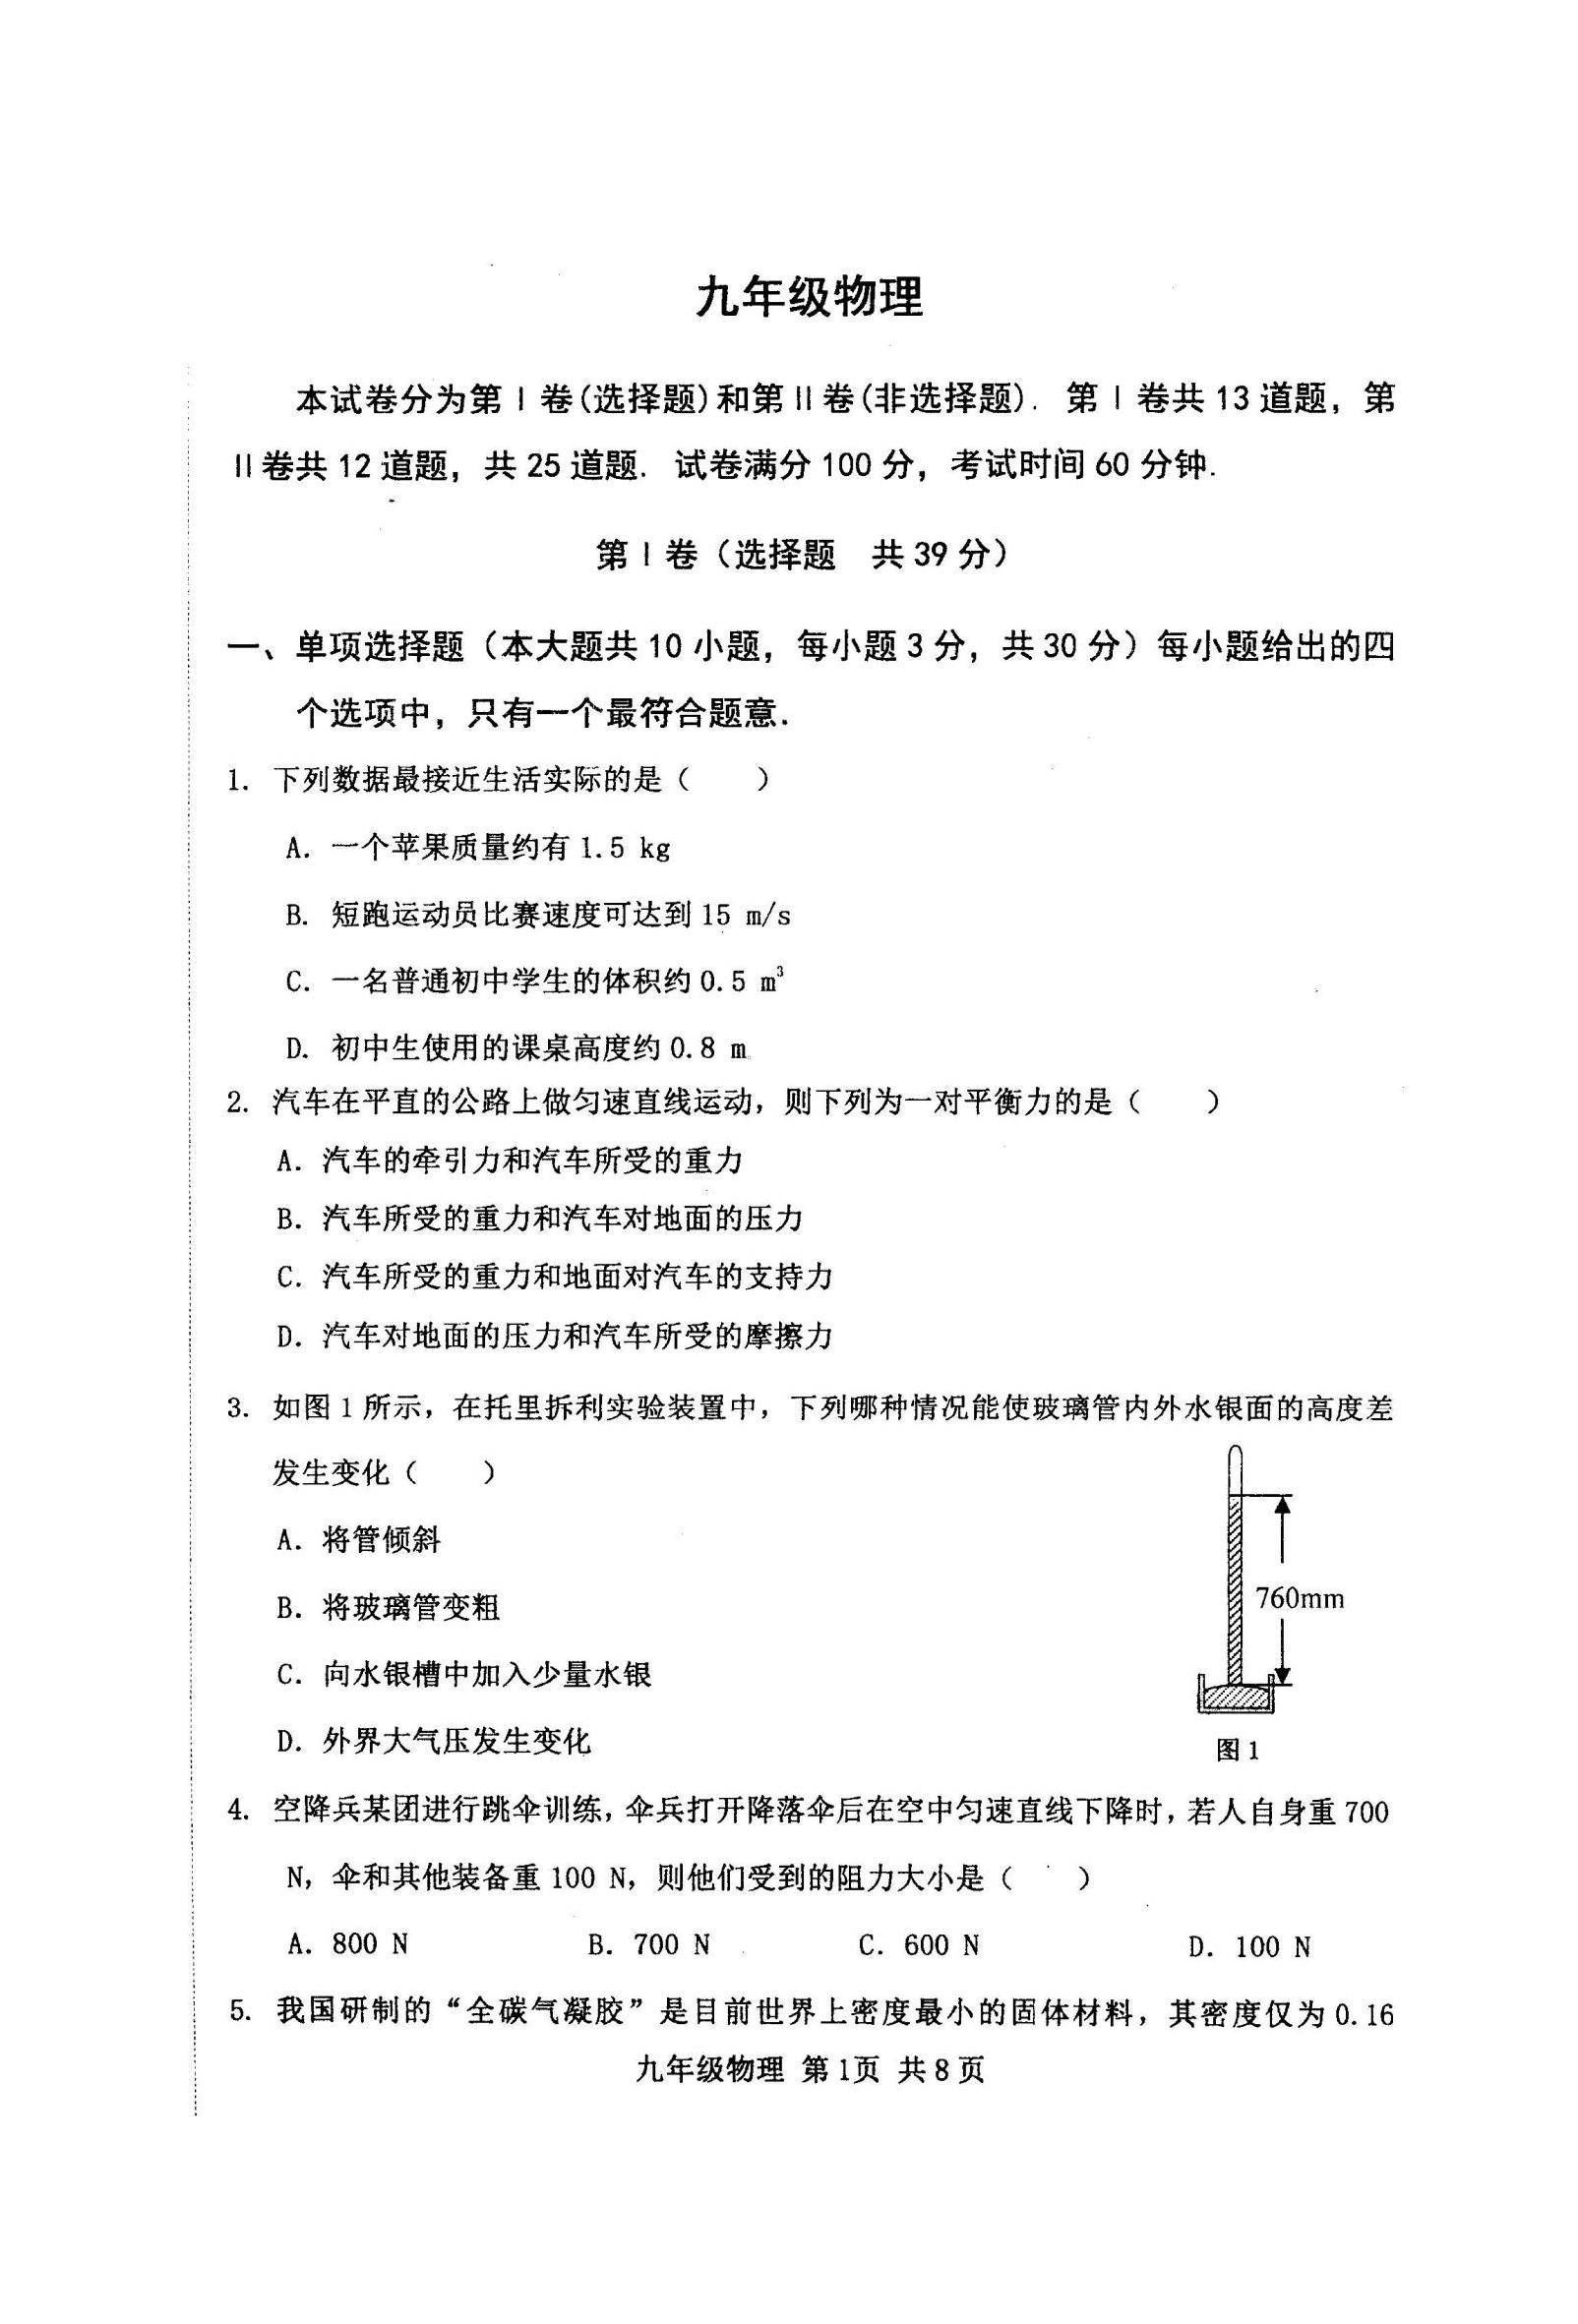 天津红桥2017九年级结课考质量检测物理试题(Word版)